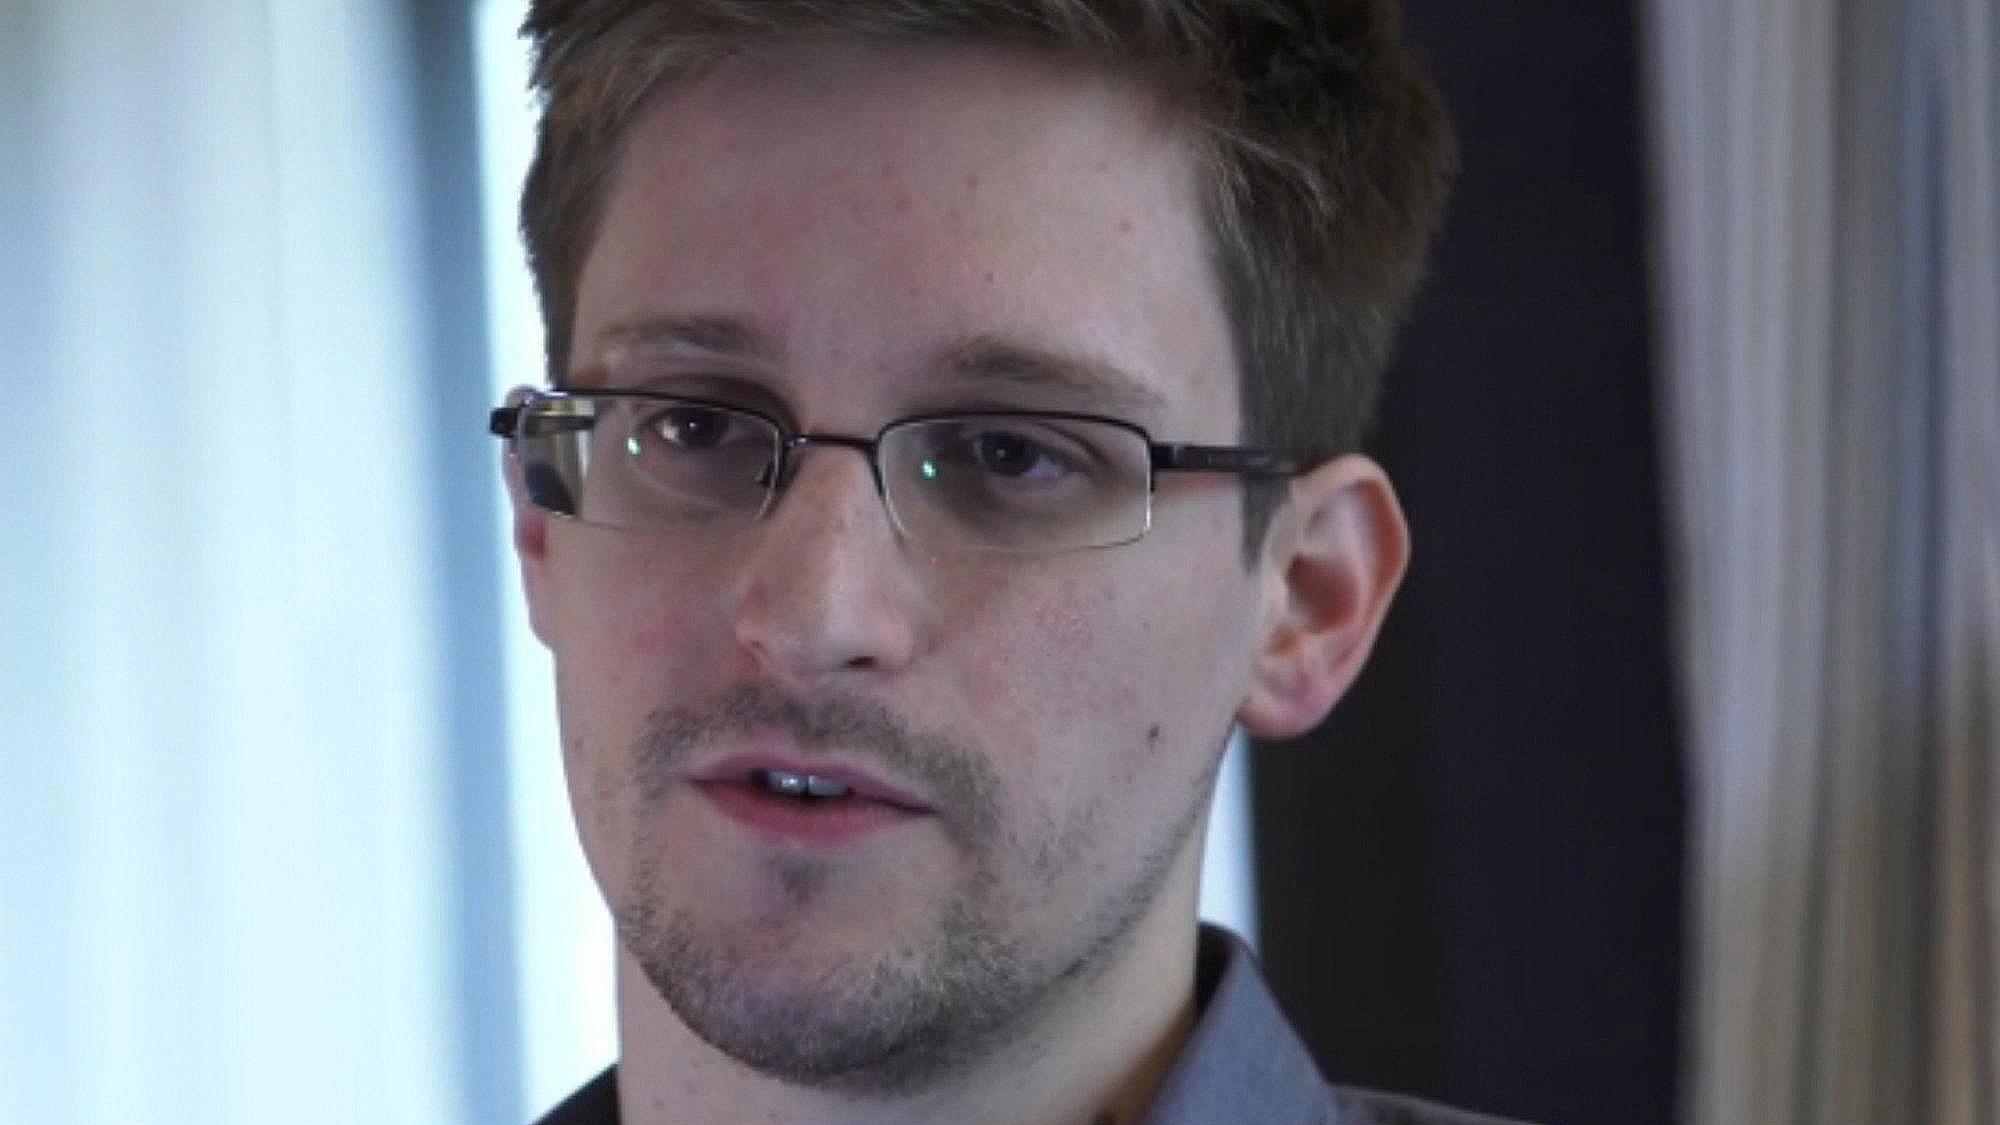 Edward Snowden NSA PRISM Informant